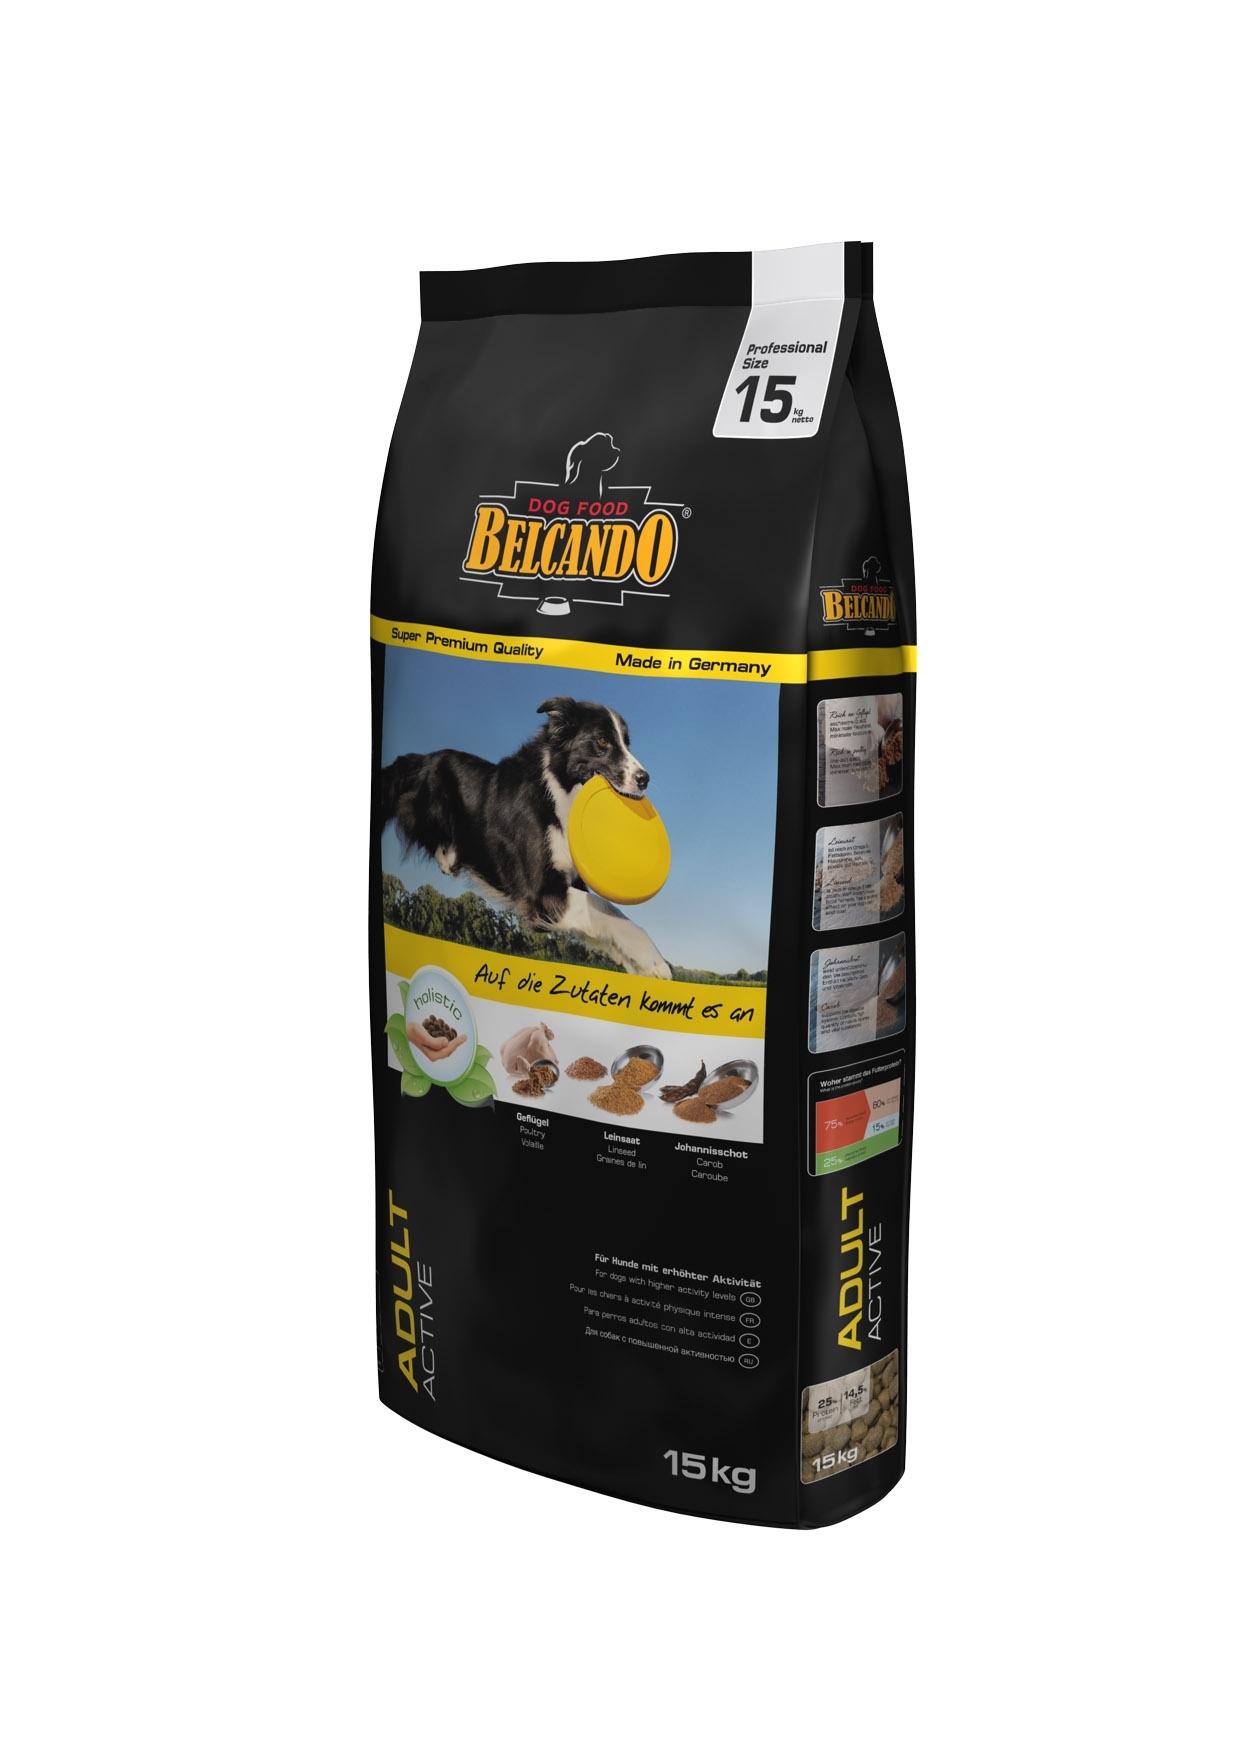 Корм сухой Belcando Adult Activ, для активных собак крупных и средних пород, с индейкой, 15 кг0120710Корм Belcando Adult Activ - полноценный корм для активных собак крупных и средних пород. В состав корма входят плоды рожкового дерева для поддержания работы желудочно-кишечного тракта. Добавлена мука из виноградной косточки для поддержания работы сердца.Корм идеален для активных собак, которым требуется большое количество минеральных веществ и микроэлементов!Сбалансированная энергетическая ценность корма Belcando Adult Active позволяет вашему питомцу оставаться в отличной форме. Легкоусваиваемые жиры и незаменимые аминокислоты улучшают выносливость и физическое состояние.Состав: Сухое мясо птицы пониженной зольности (21,5%); кукуруза; овес; рис; мука сельди (6%); жир домашней птицы; рафинированное растительное масло; цареградский стручок крупного помола (2,5%); вытяжка из виноградной косточки; пивные дрожжи; льняное семя (2,3%); сухой жом; дикальций фосфат; гидролизат печени птицы; поваренная соль; калий хлористый; травы (всего 0,2%: листья крапивы, корень горечавки, золототысячник, ромашка, фенхель, тмин, омела, тысячелистник, листья ежевики); экстракт юкки. Питательные добавки: Витамин А - 13,000 МЕ/кг, Витамин Е - 130 мг/кг, Витамин D3 - 1,300 МЕ/кг, Кальций - 1,3%, Фосфор - 0,9%. Содержание питательных веществ: протеин - 25%, жир - 14,5%, клетчатка - 3,2%, Зола - 7%, Влажность - 10%. Товар сертифицирован.